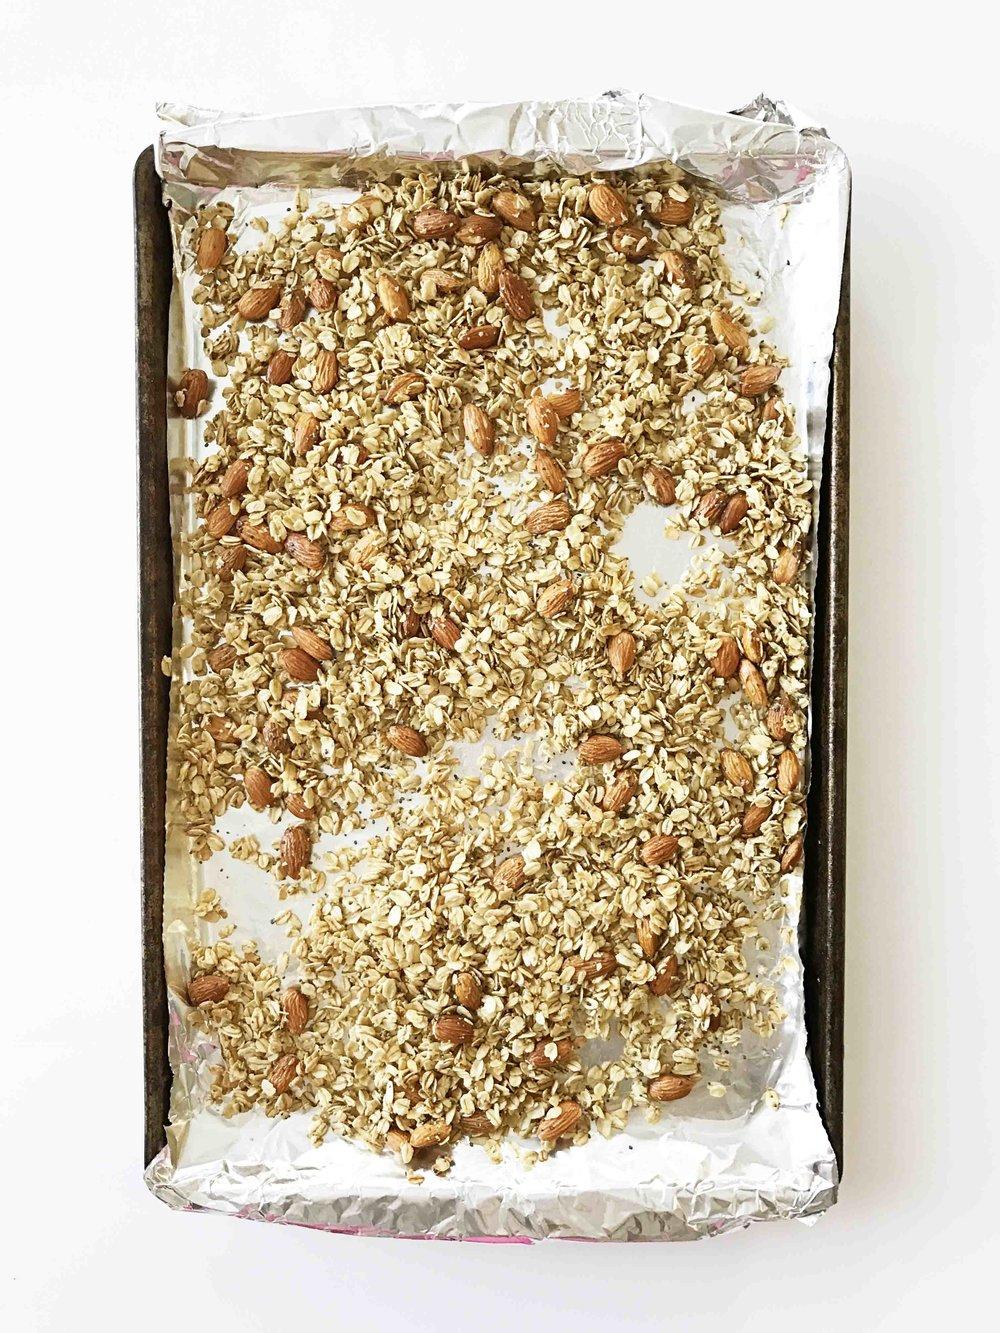 lemon-poppy-seed-granola11.jpg